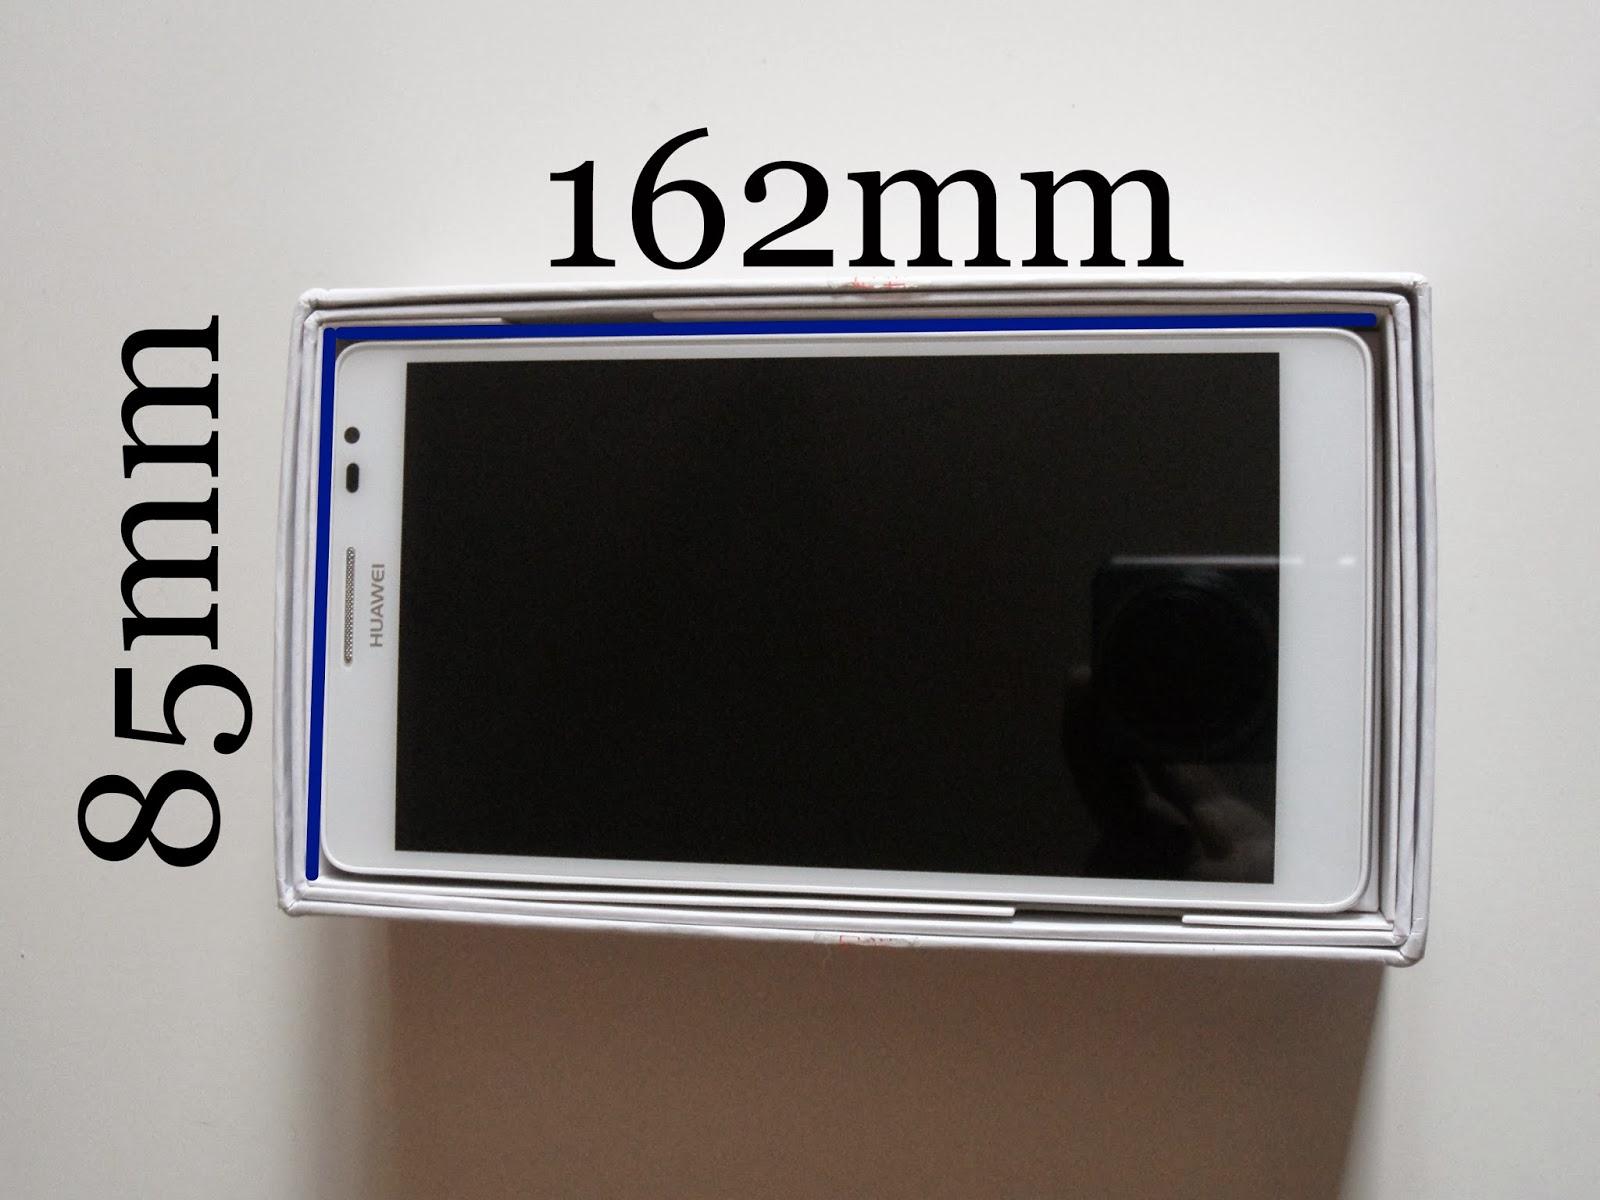 Tamaño de Huawei Ascend Mate